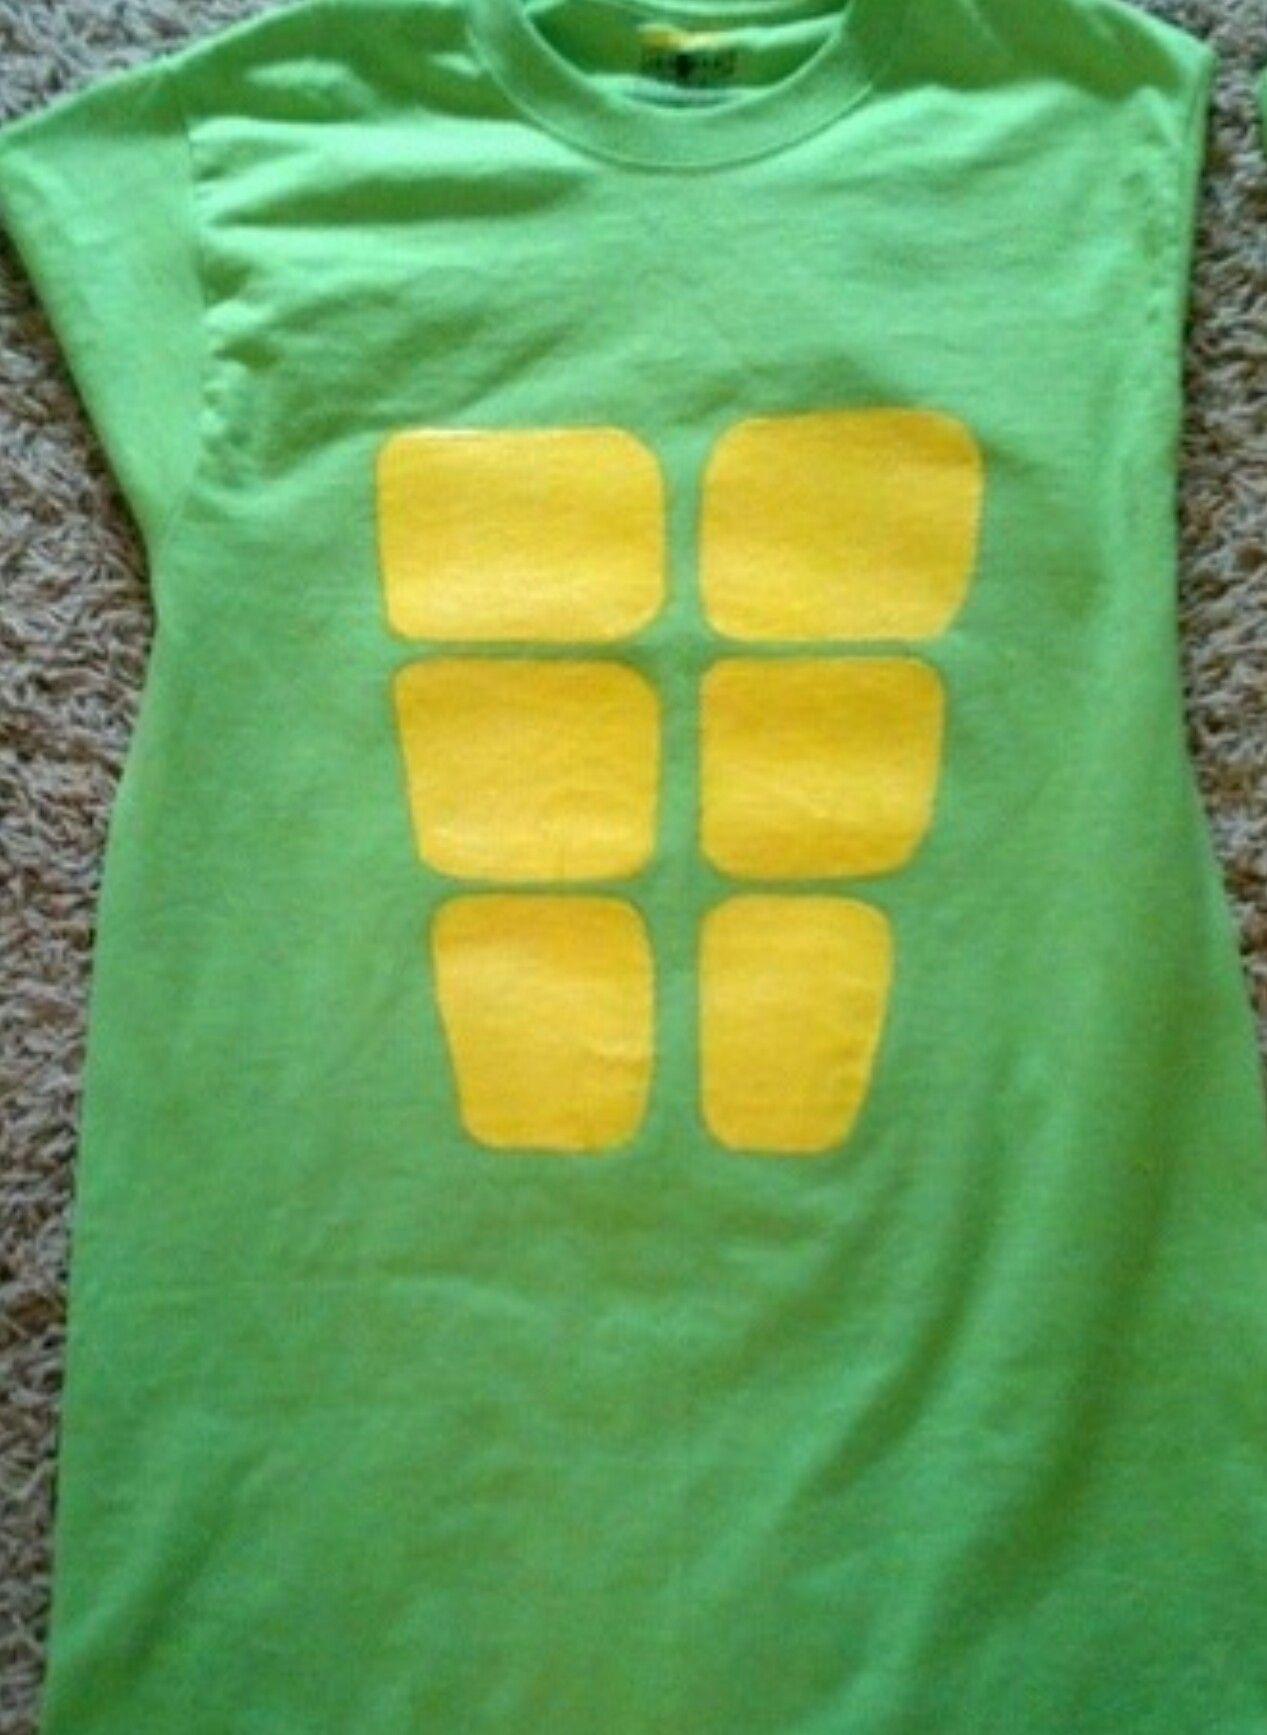 5165dce46 DIY Ninja Turtle shirt | Birthday party ideas in 2019 | Diy ninja ...